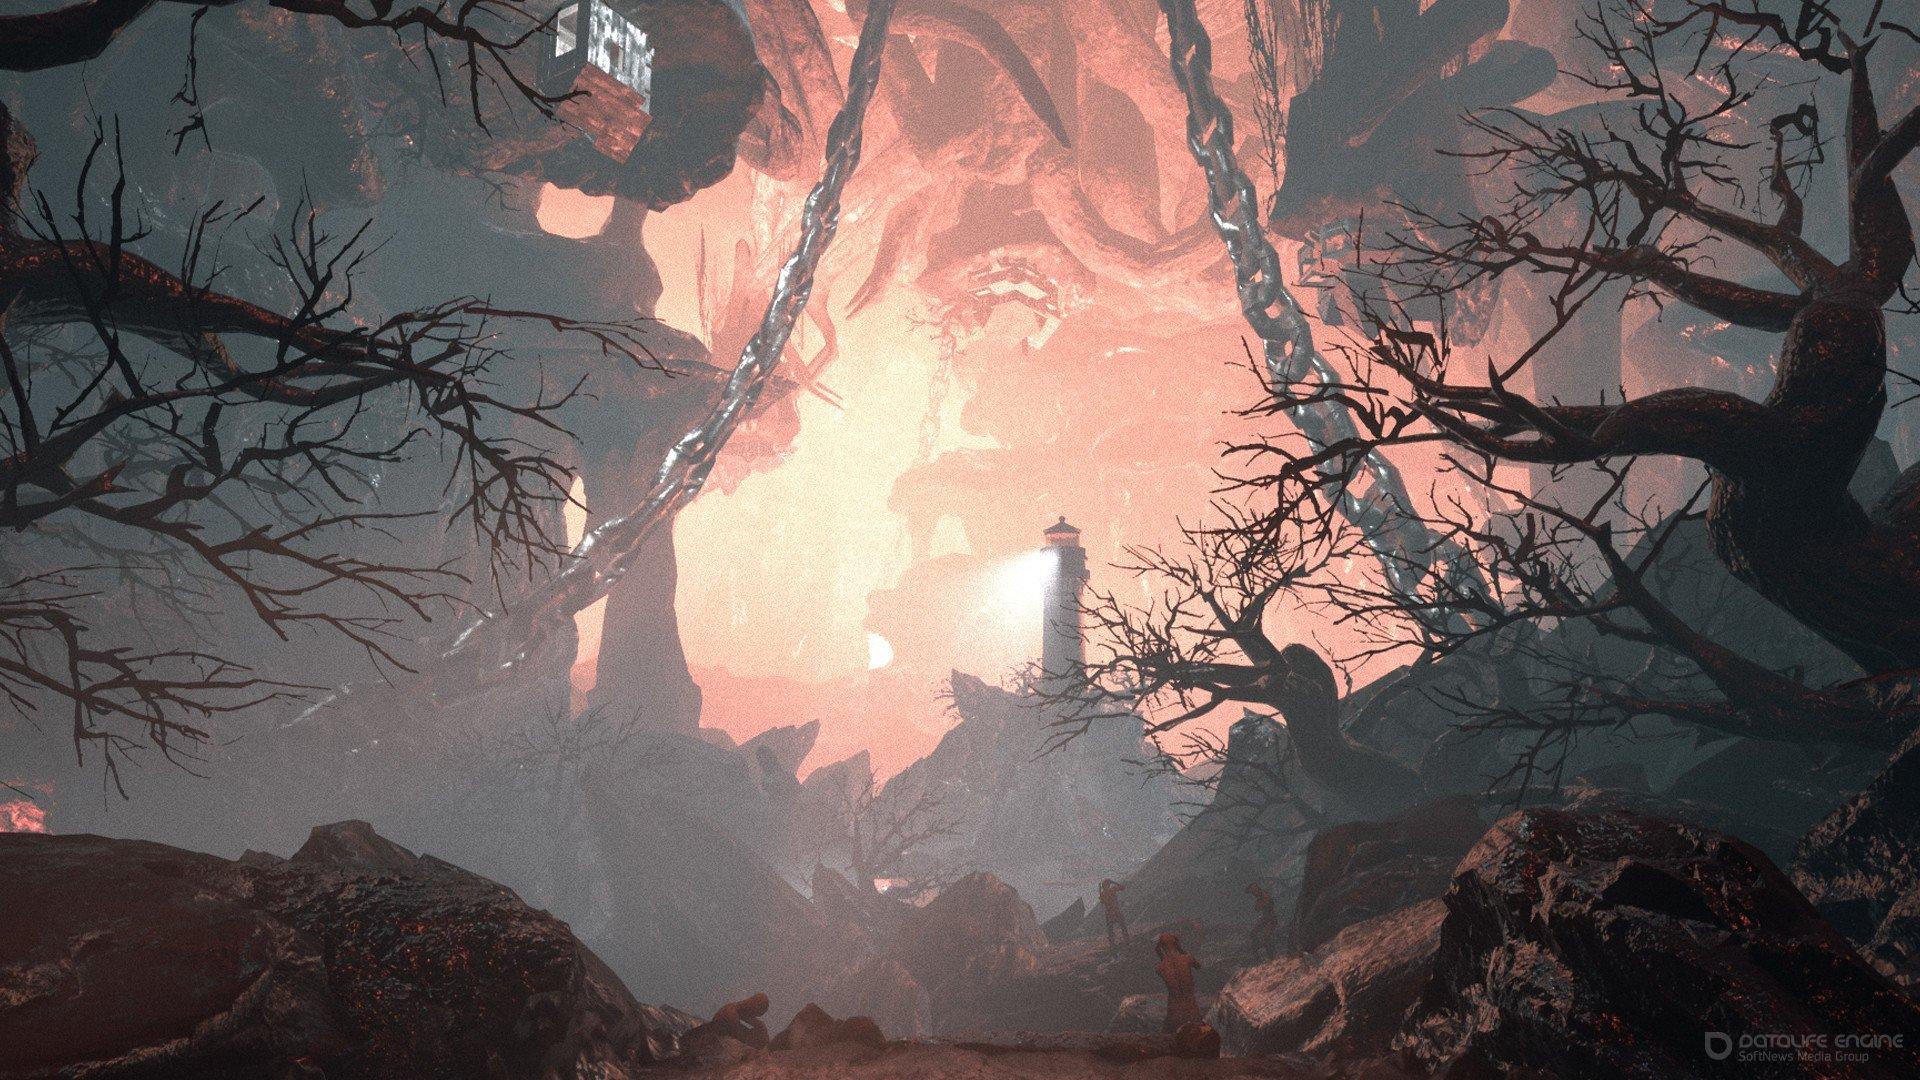 Скриншот к игре Visage v.3.02 [GOG] (2020) скачать торрент Лицензия